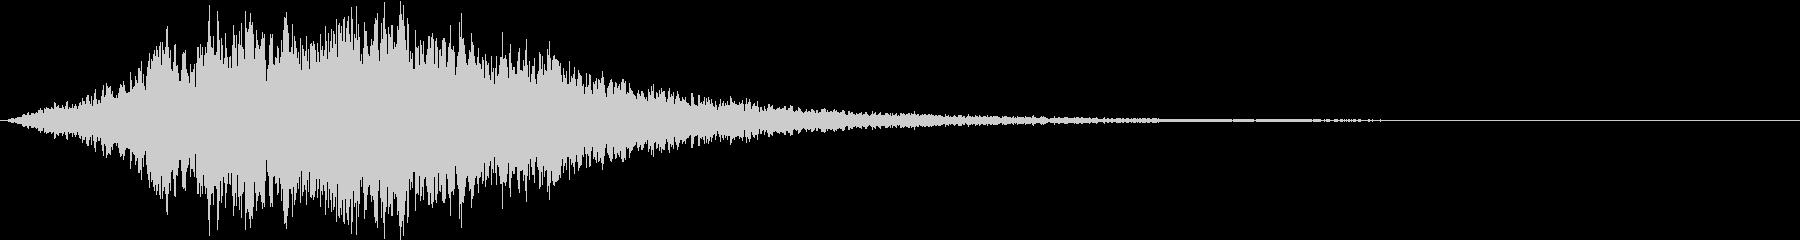 ヒューン(映画タイトル・サウンドロゴ)の未再生の波形